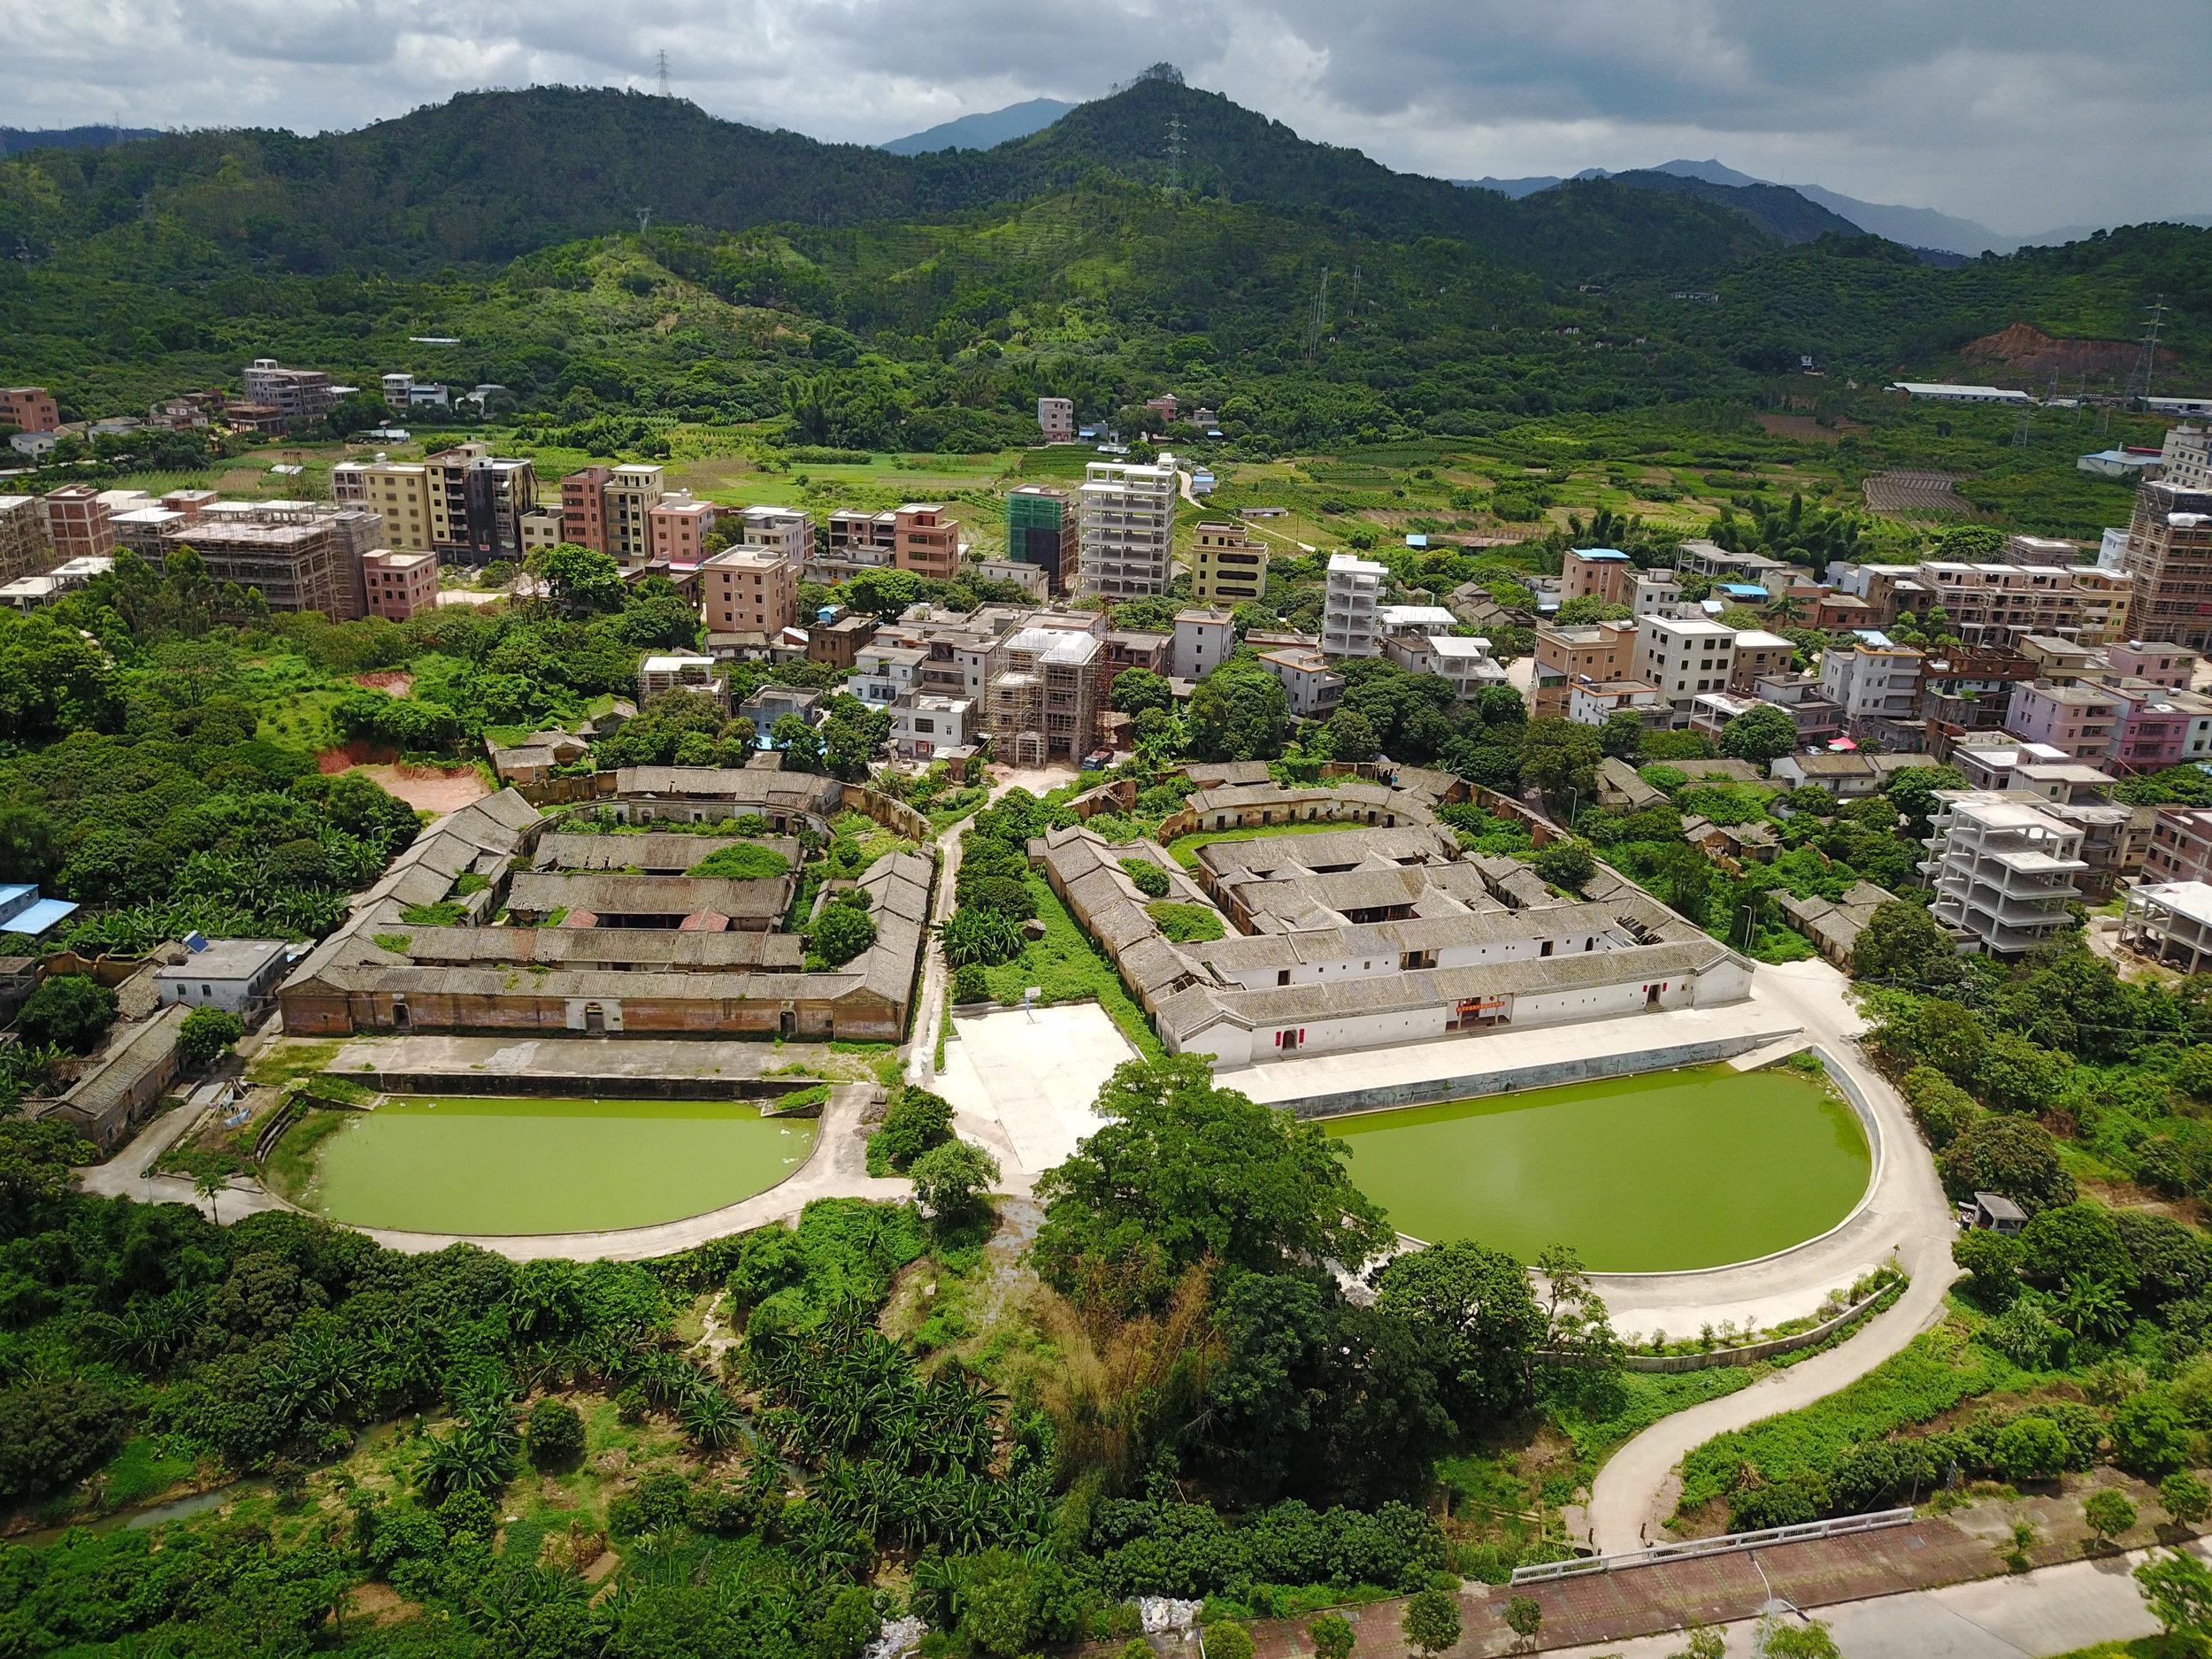 Aerial view of Wayne Yeh's Hakka village in Huiyang